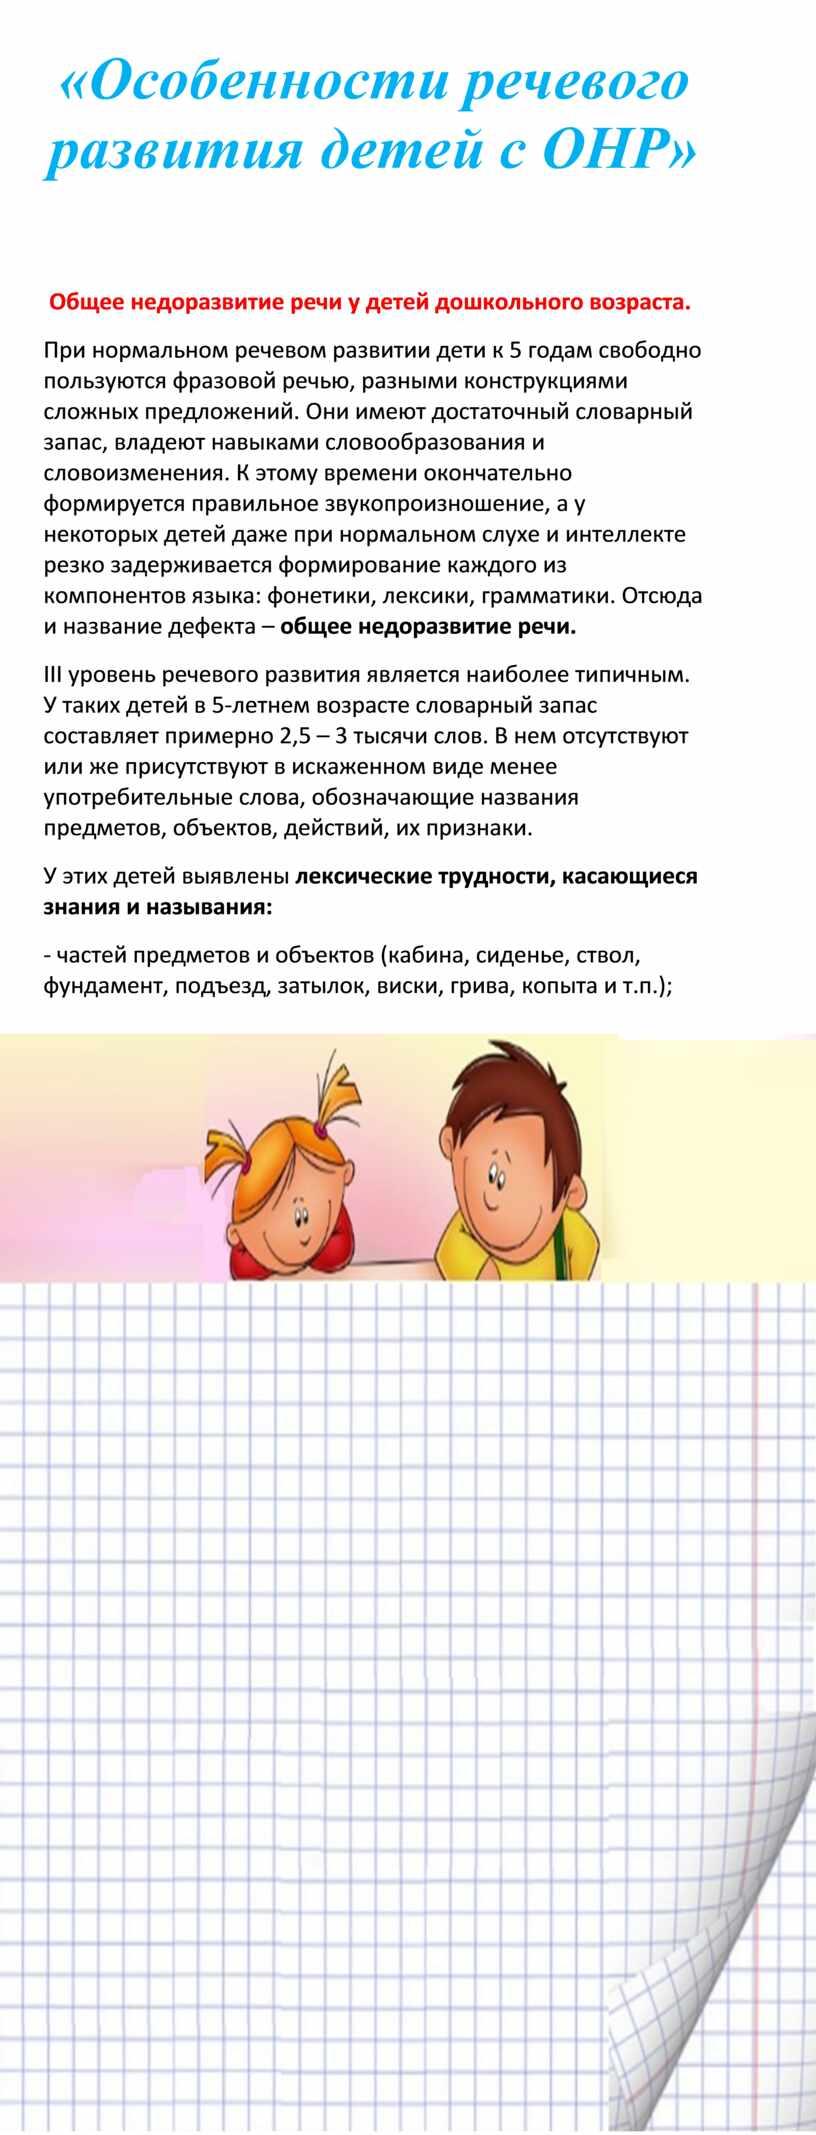 Особенности речевого развития детей с